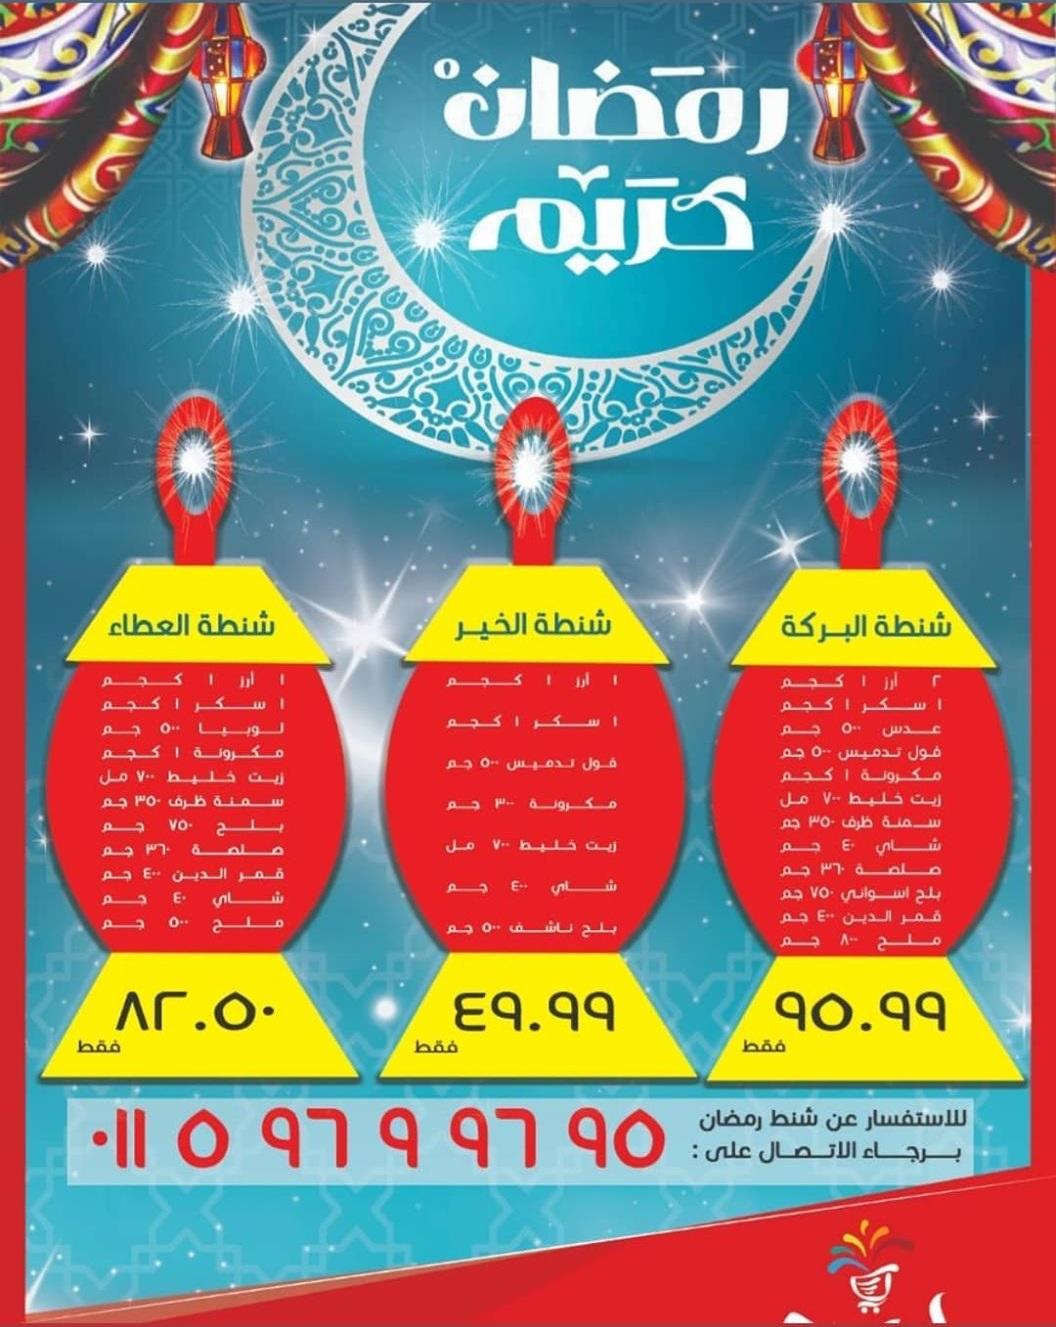 عروض كرتونة رمضان 2020 من ايمدج ماركت